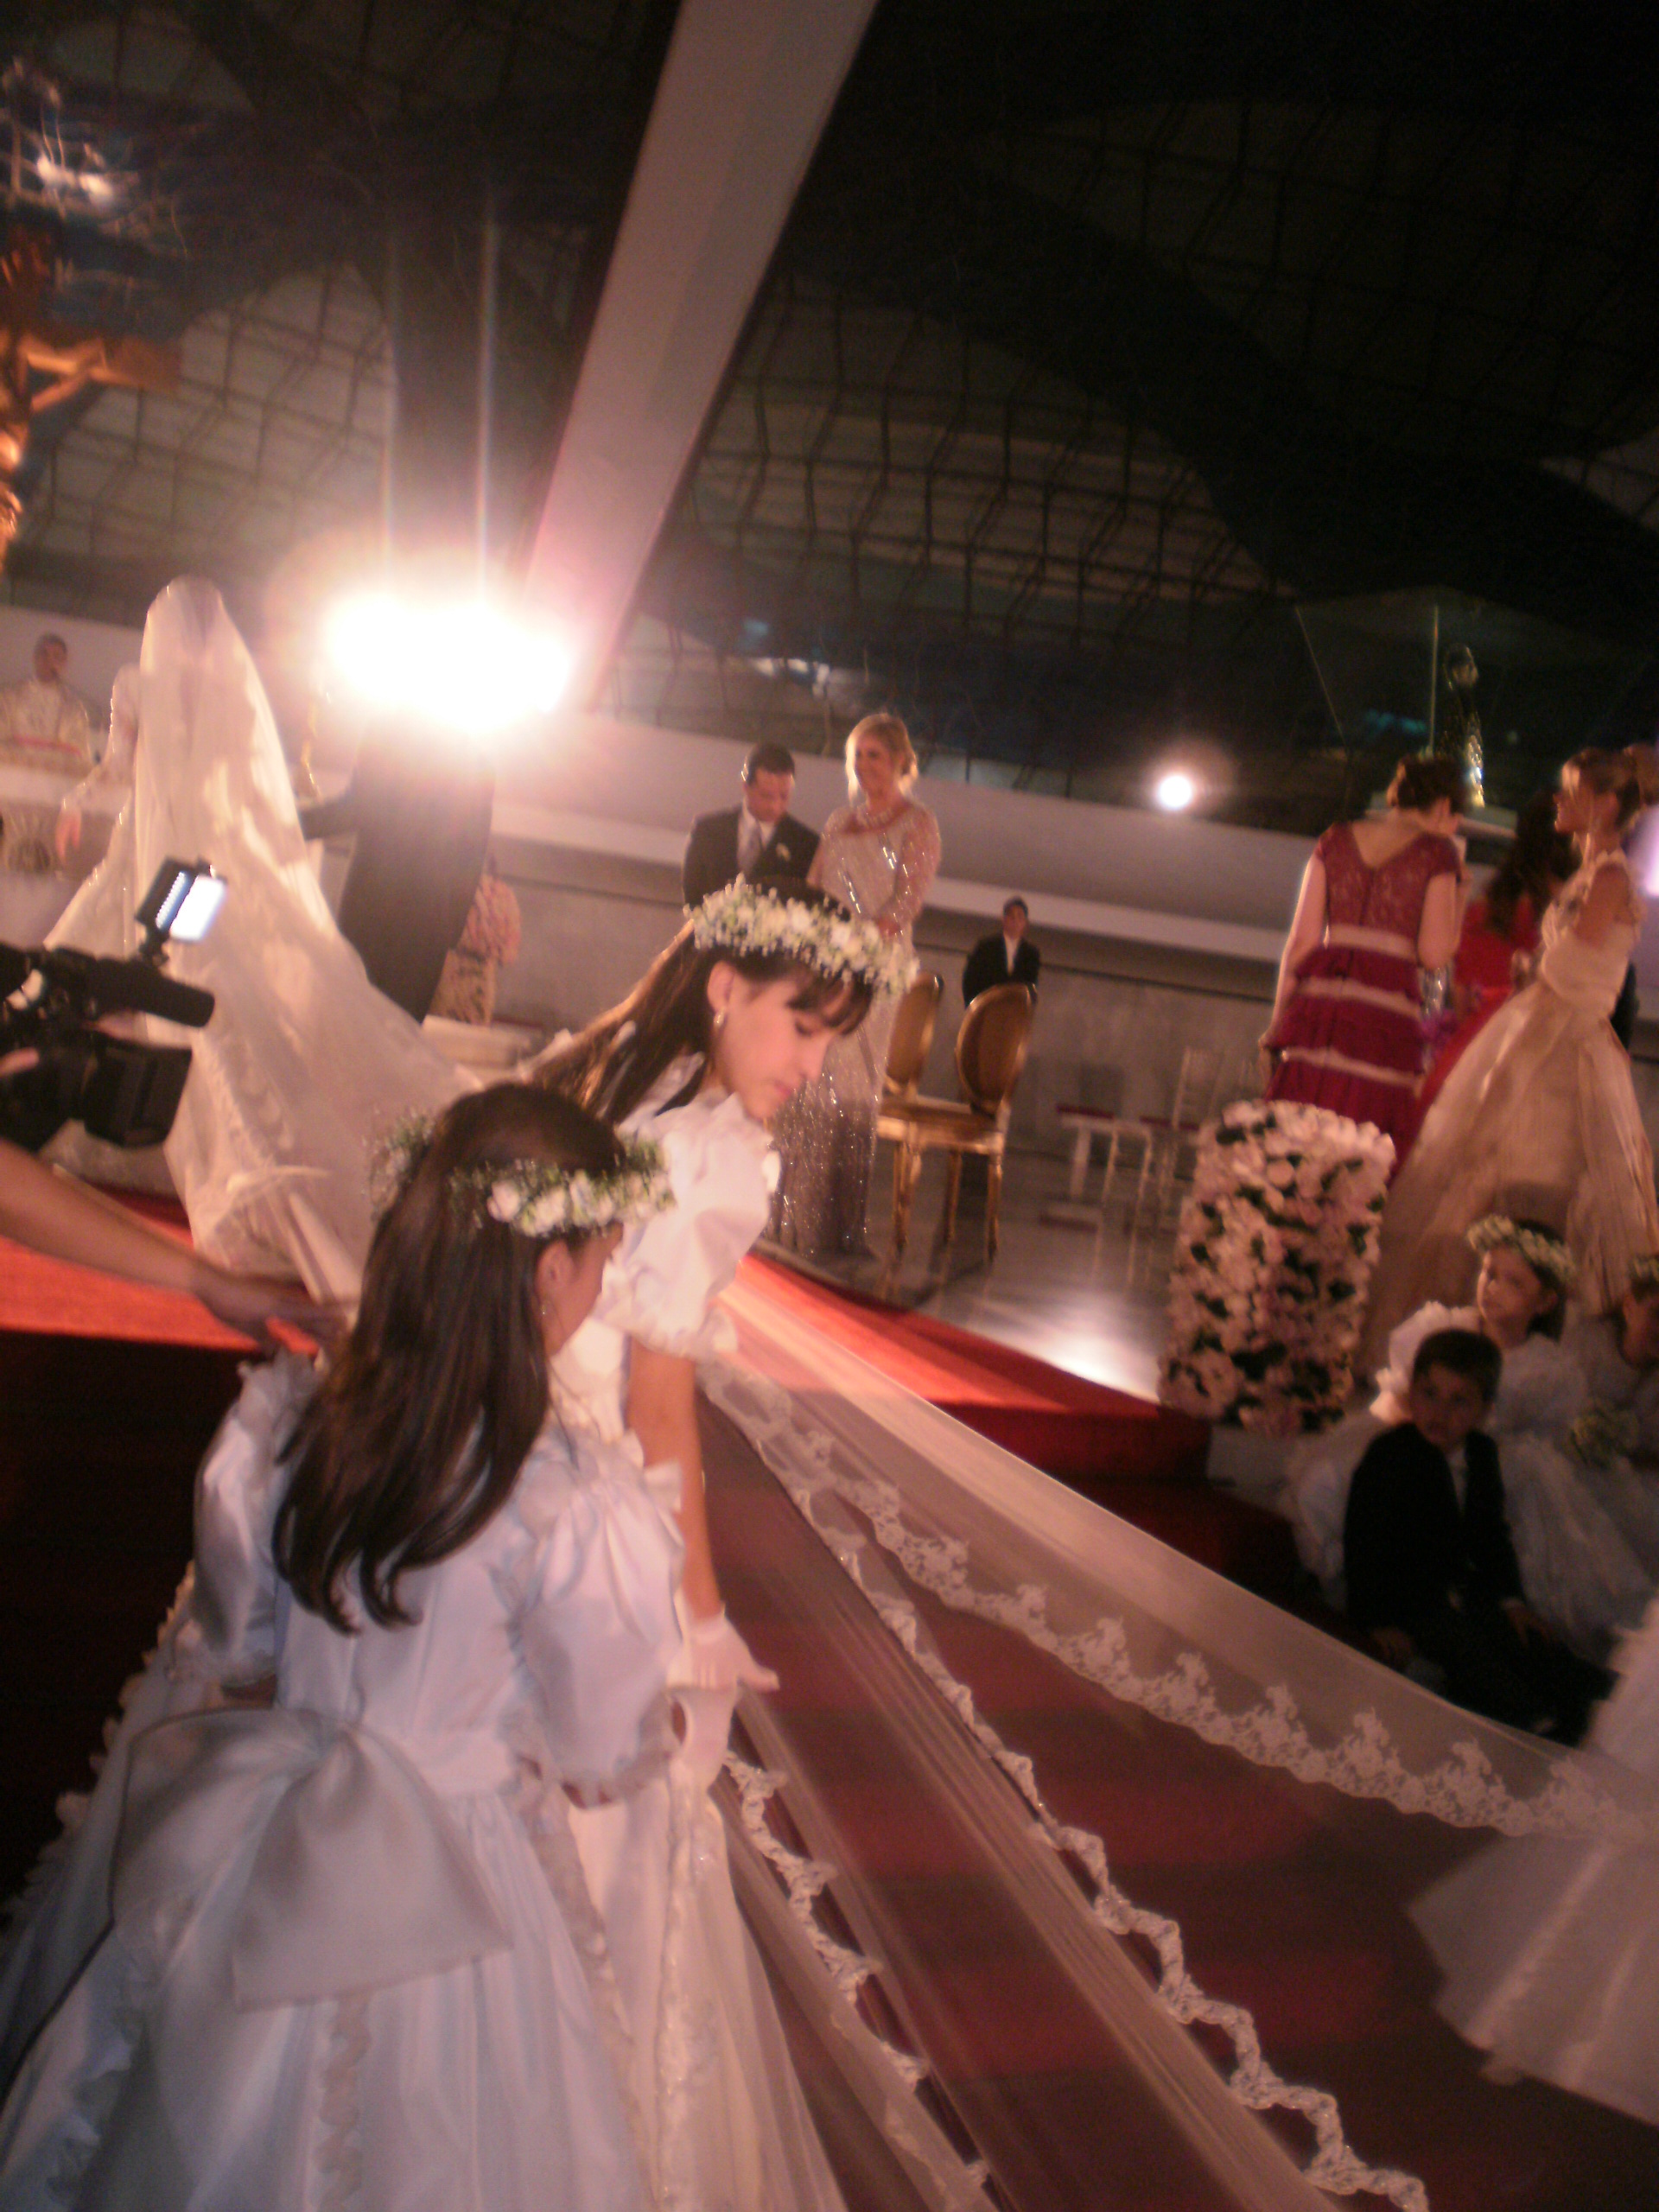 tamara p91509621 Fotos ainda do casamento à la Versailles no DF